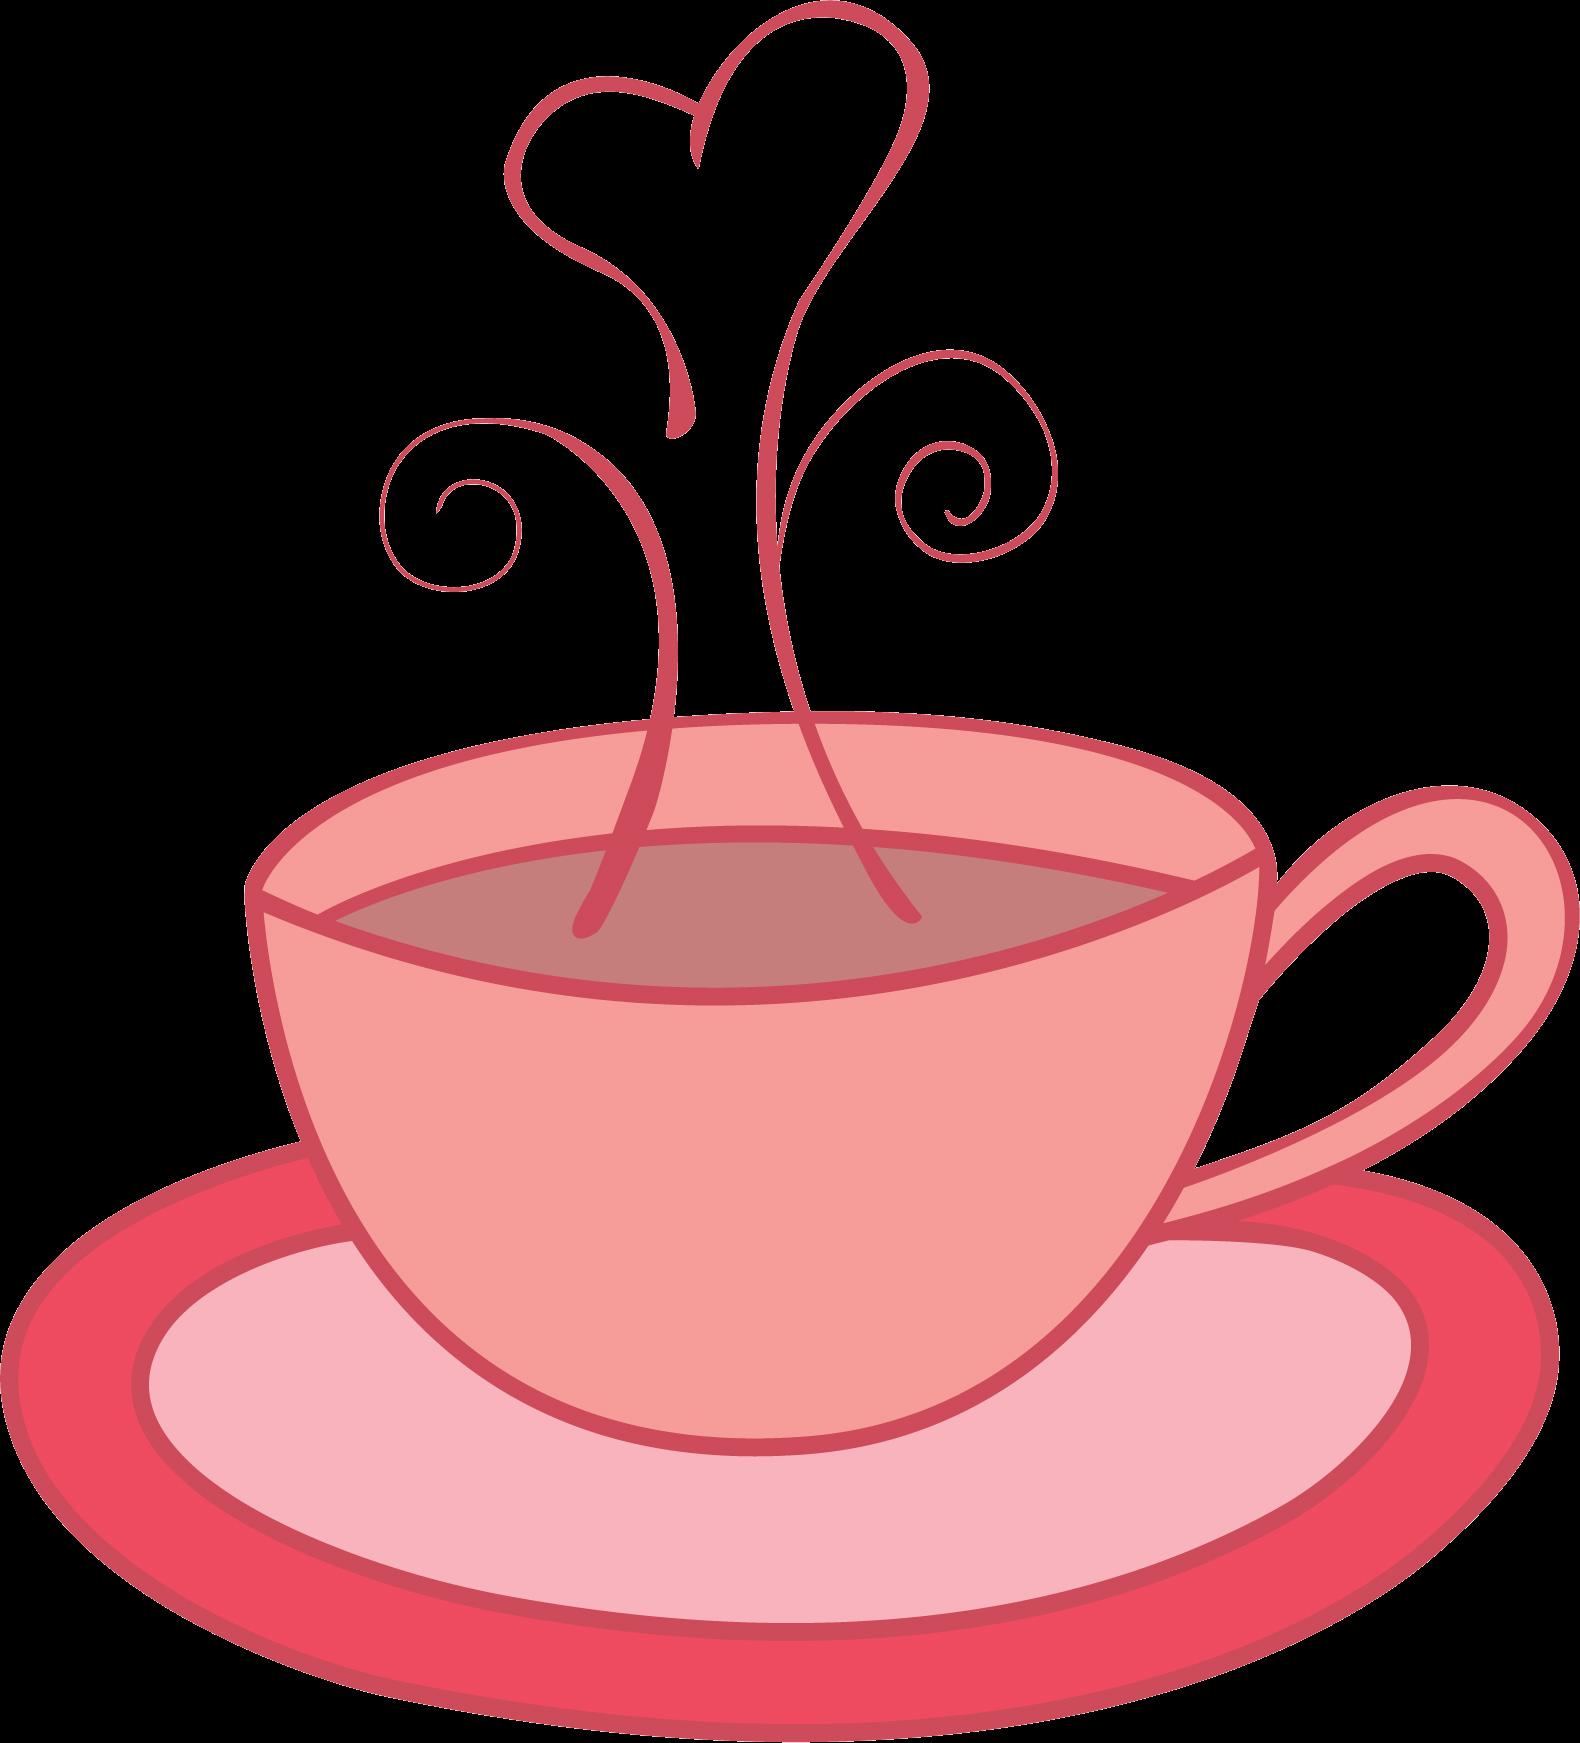 Tea cliparts. Tea Cup Clip Art-Tea cliparts. Tea Cup Clip Art-7